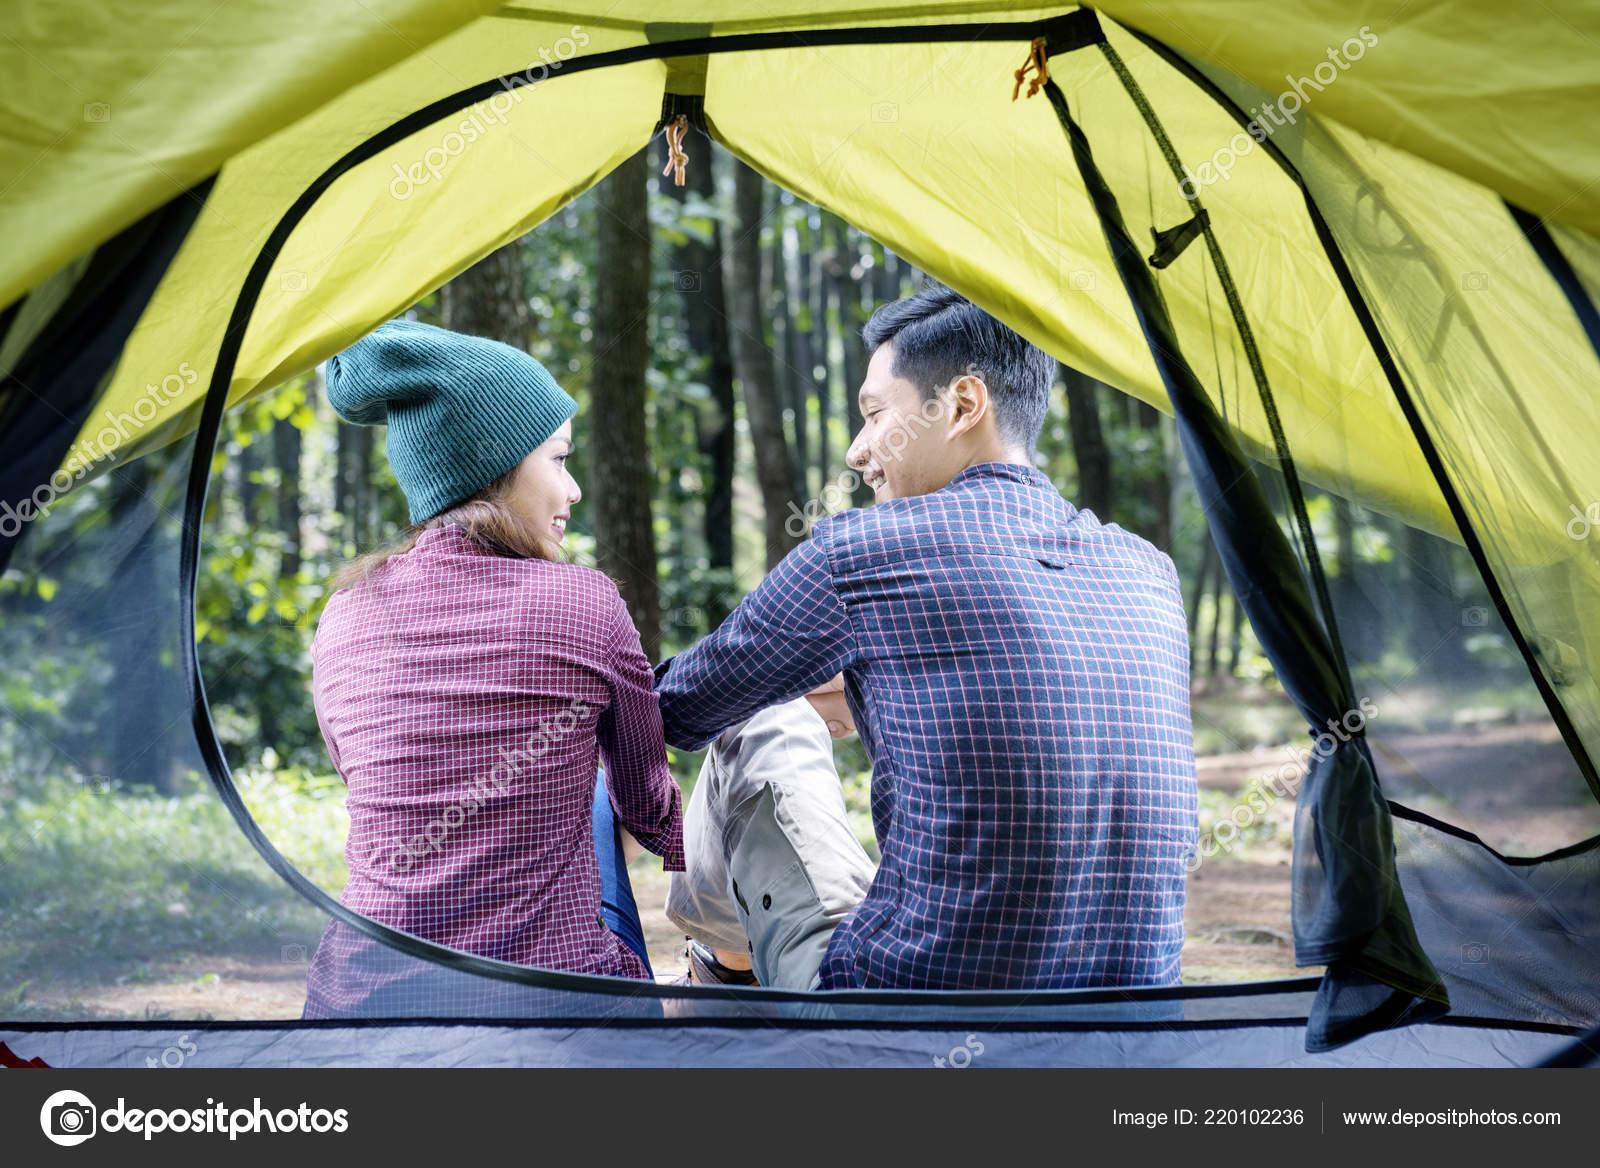 Rear View Asian Couple Relaxing Tent View u2014 Stock Photo & Rear View Asian Couple Relaxing Tent View u2014 Stock Photo © leolintang ...